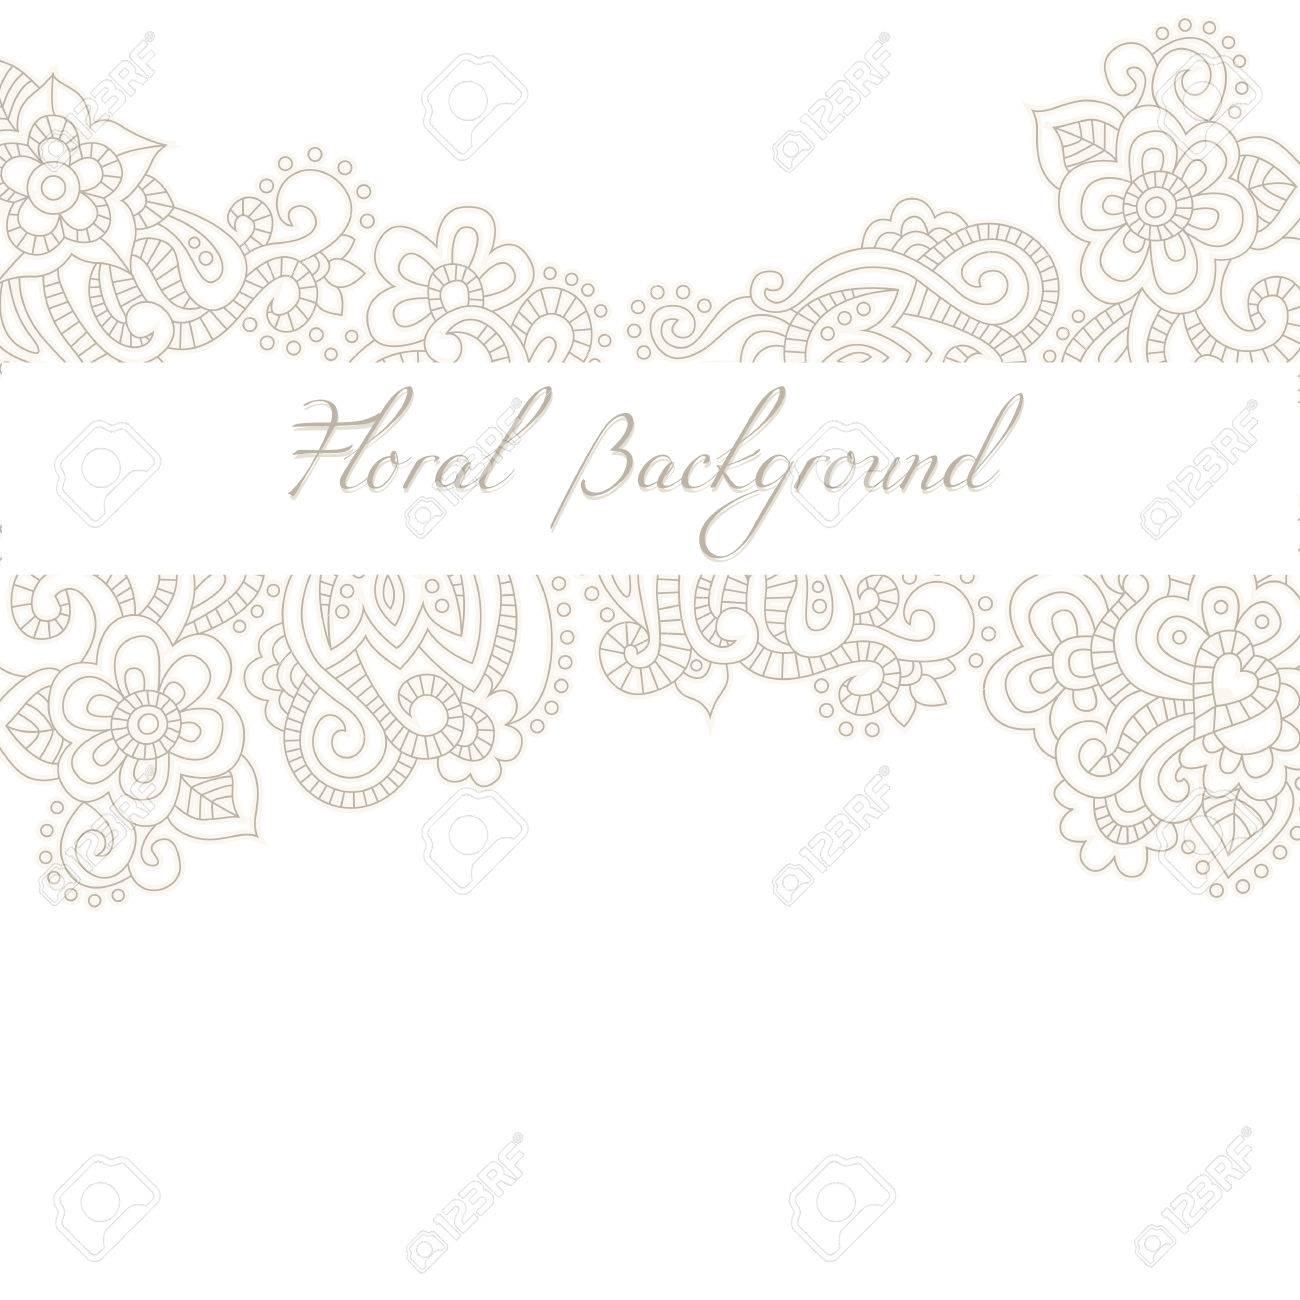 Boda Invitación O El Modelo Tarjeta De Aniversario Con El Fondo Floral Romántica Y Texto De Ejemplo Tintes Pastel Sutiles Y Ornamento Lineal